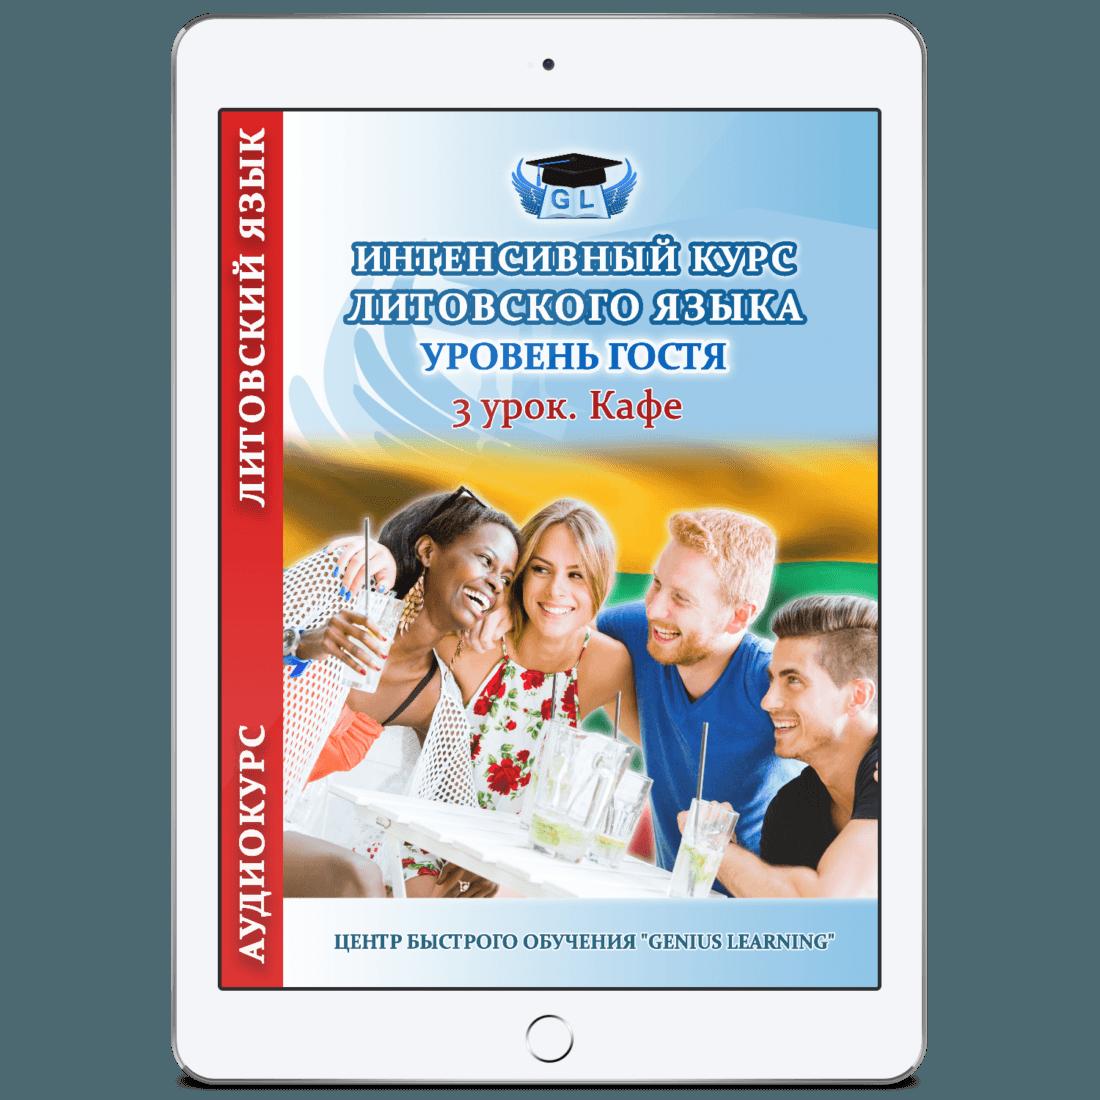 Интенсивный курс литовского языка: 1 урок - Знакомство